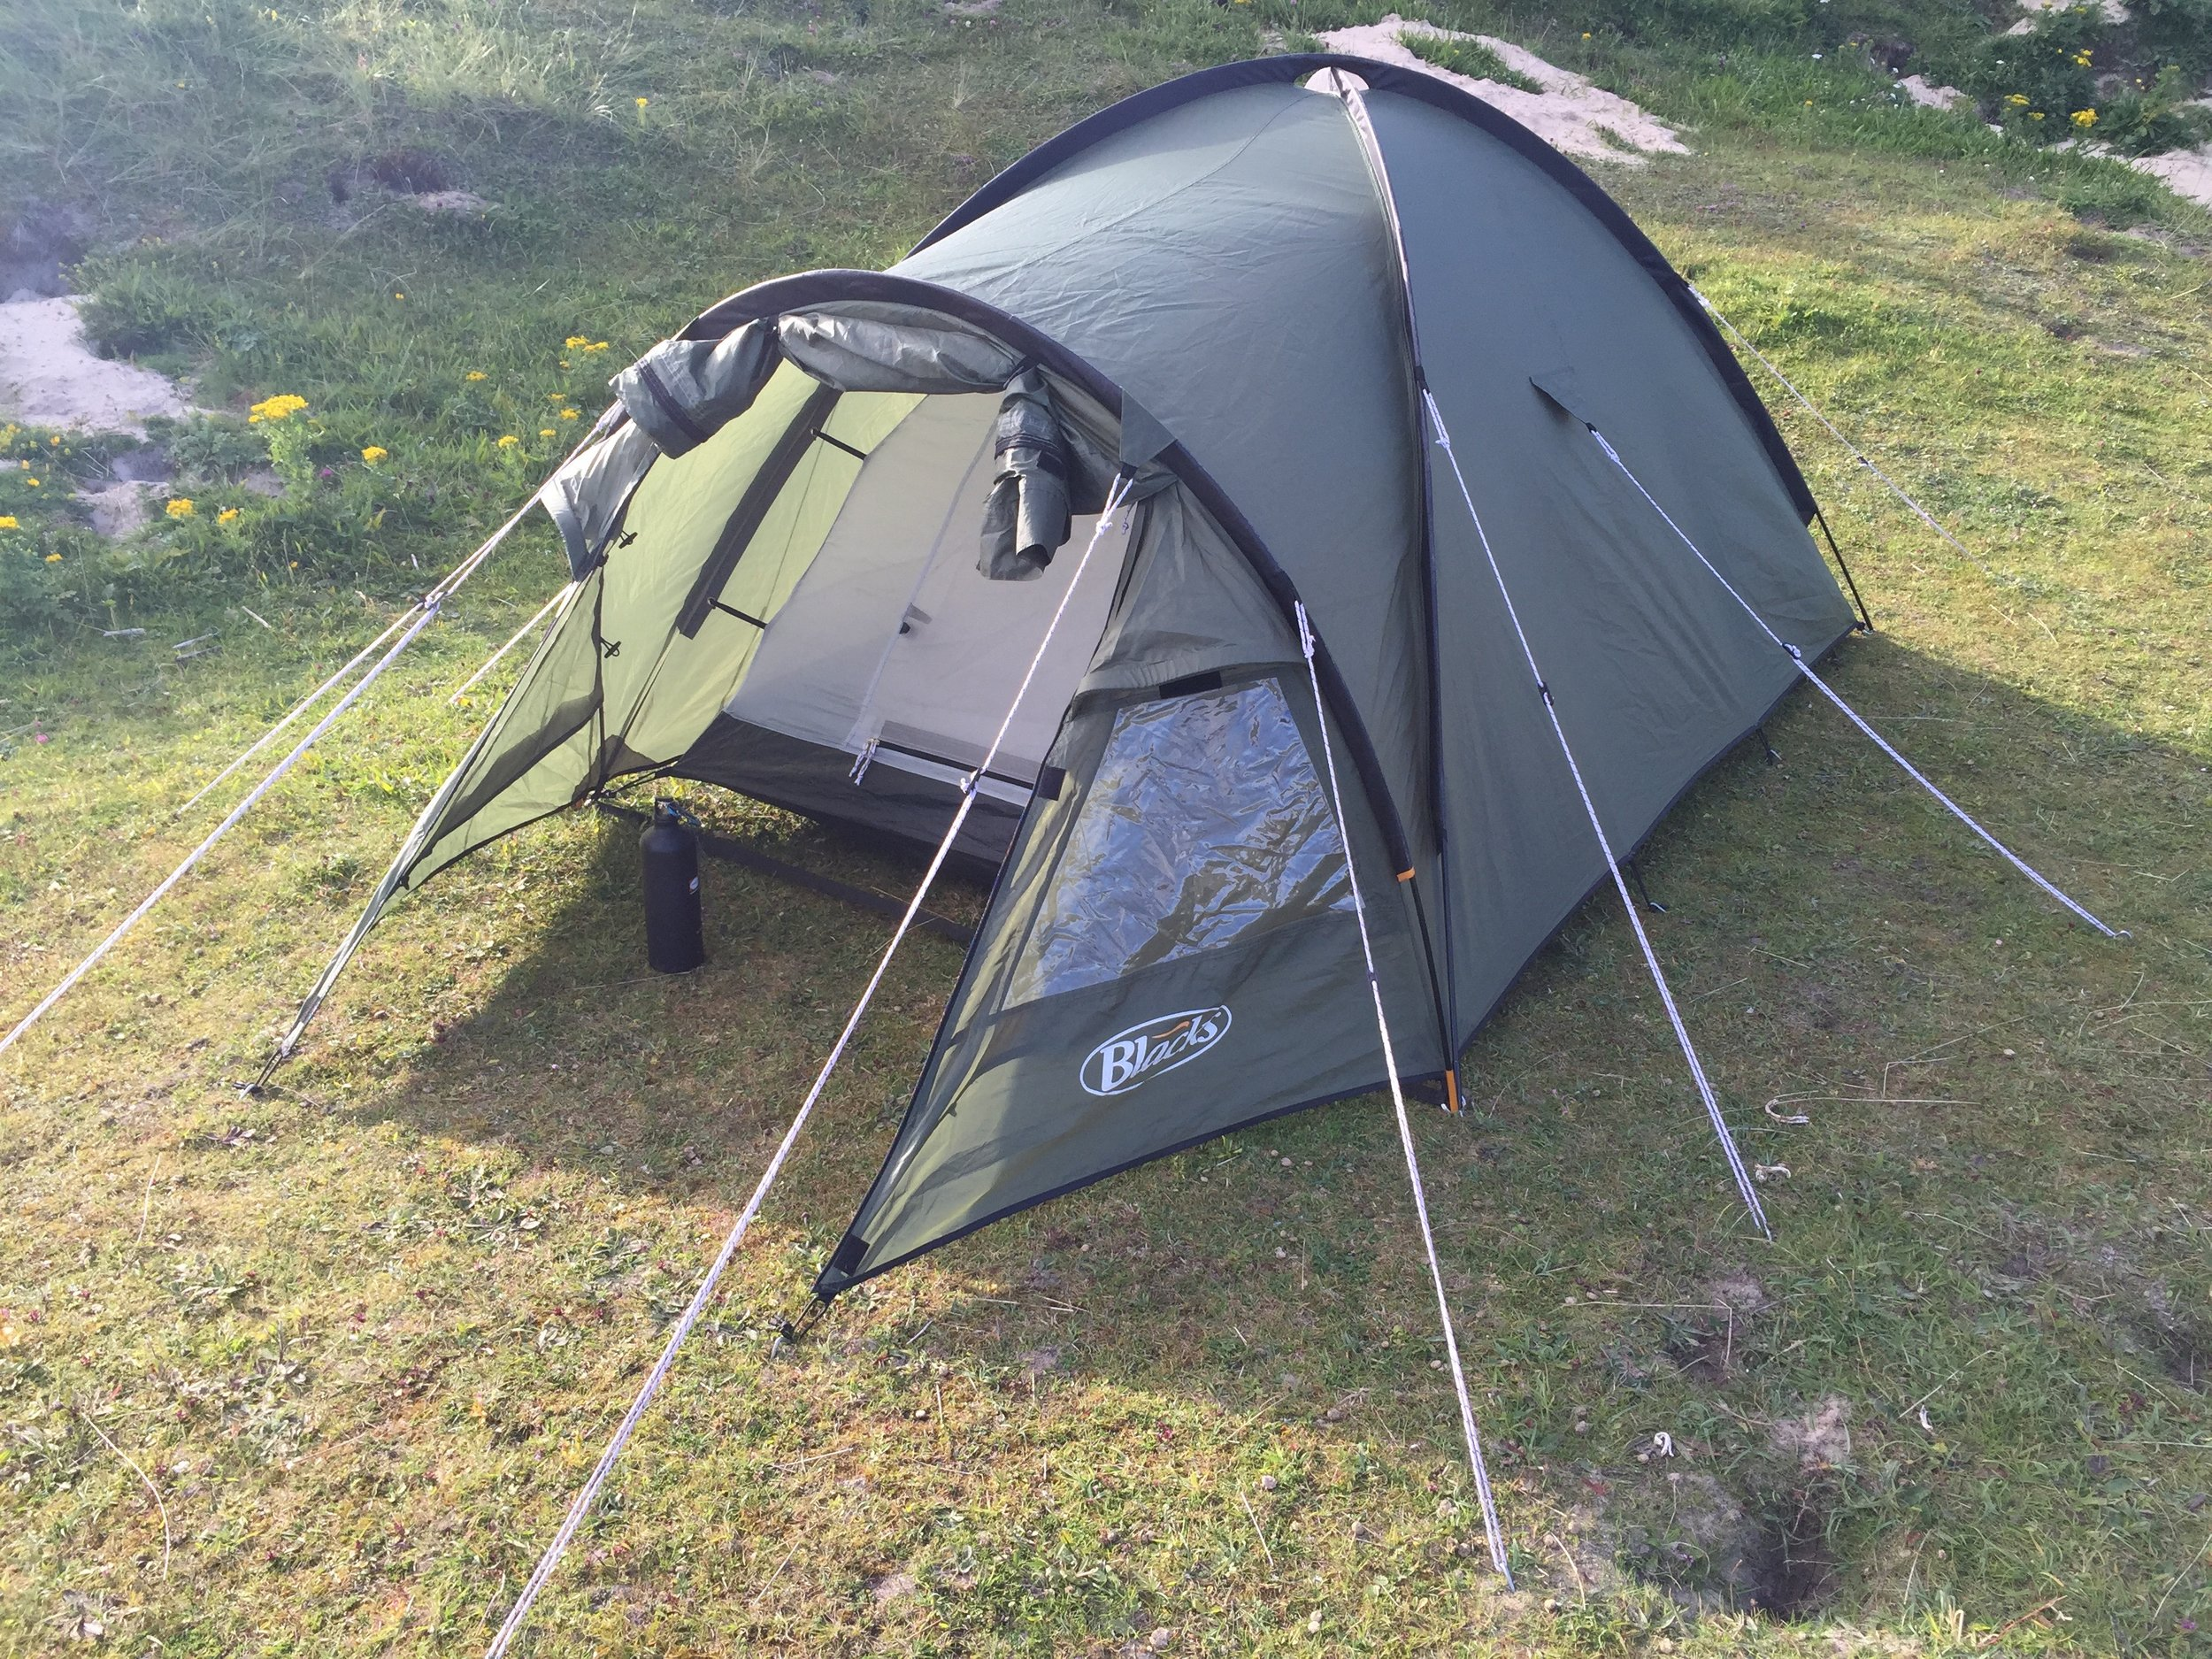 Uig camping